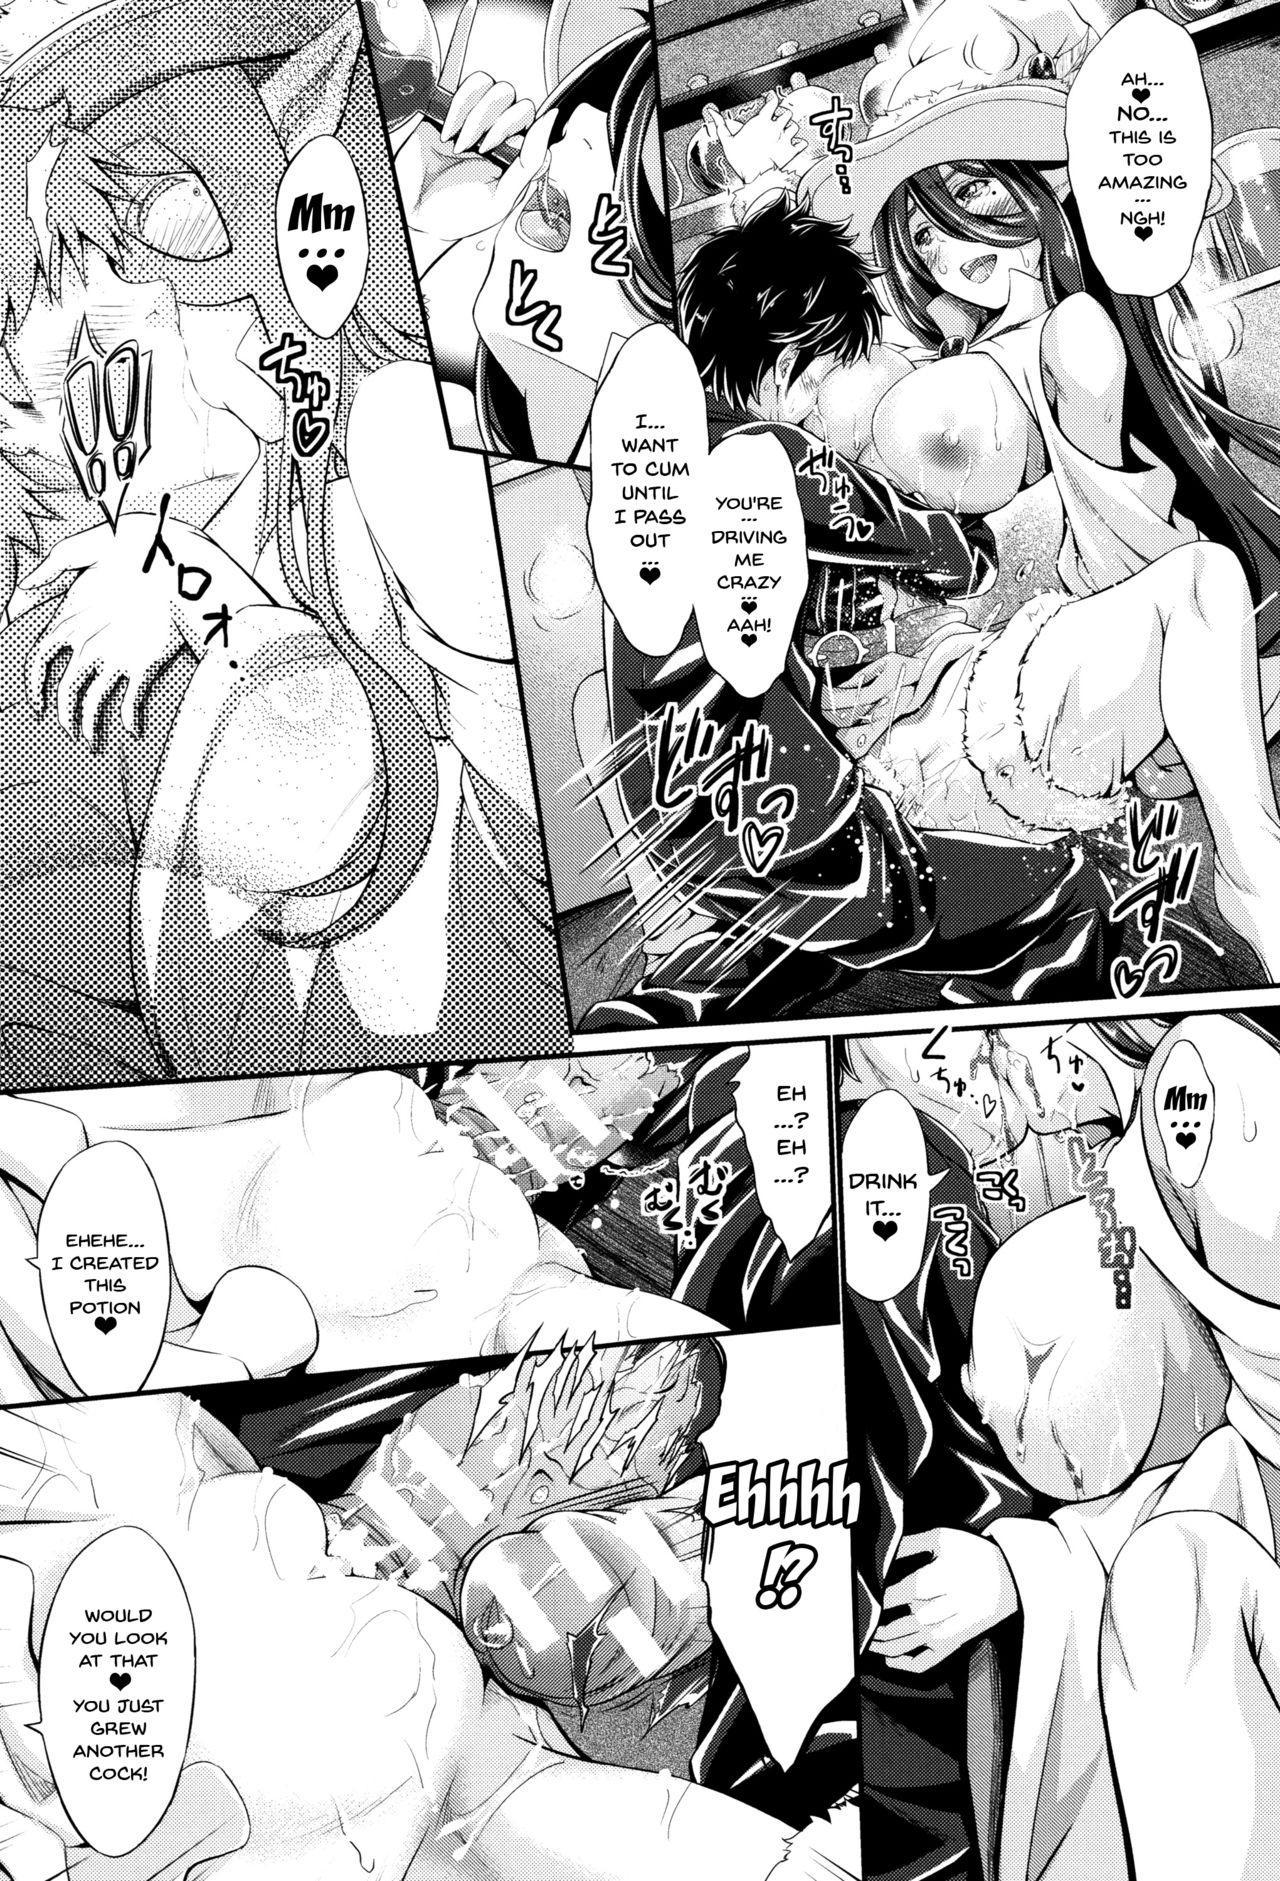 [Kimura Neito] Non-Human Life Ch.1-2 [English] {Doujins.com} 20